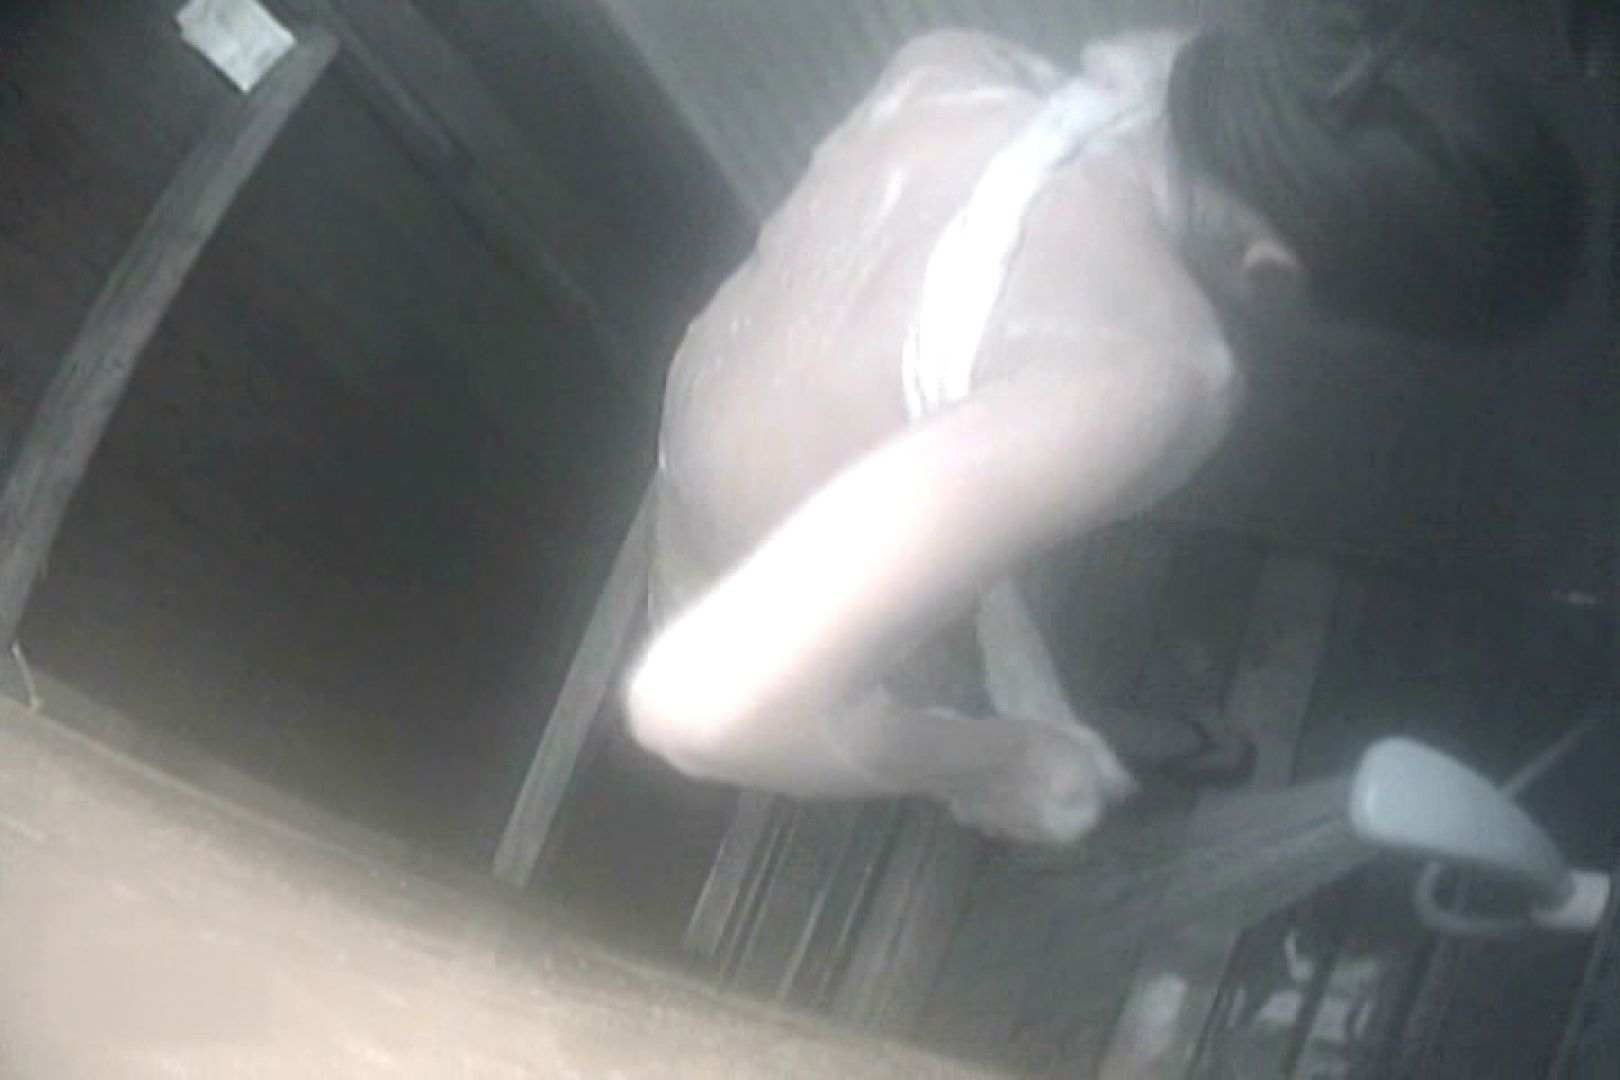 夏海シャワー室!ベトベトお肌をサラサラに!VOL.14 ギャルヌード  62画像 42